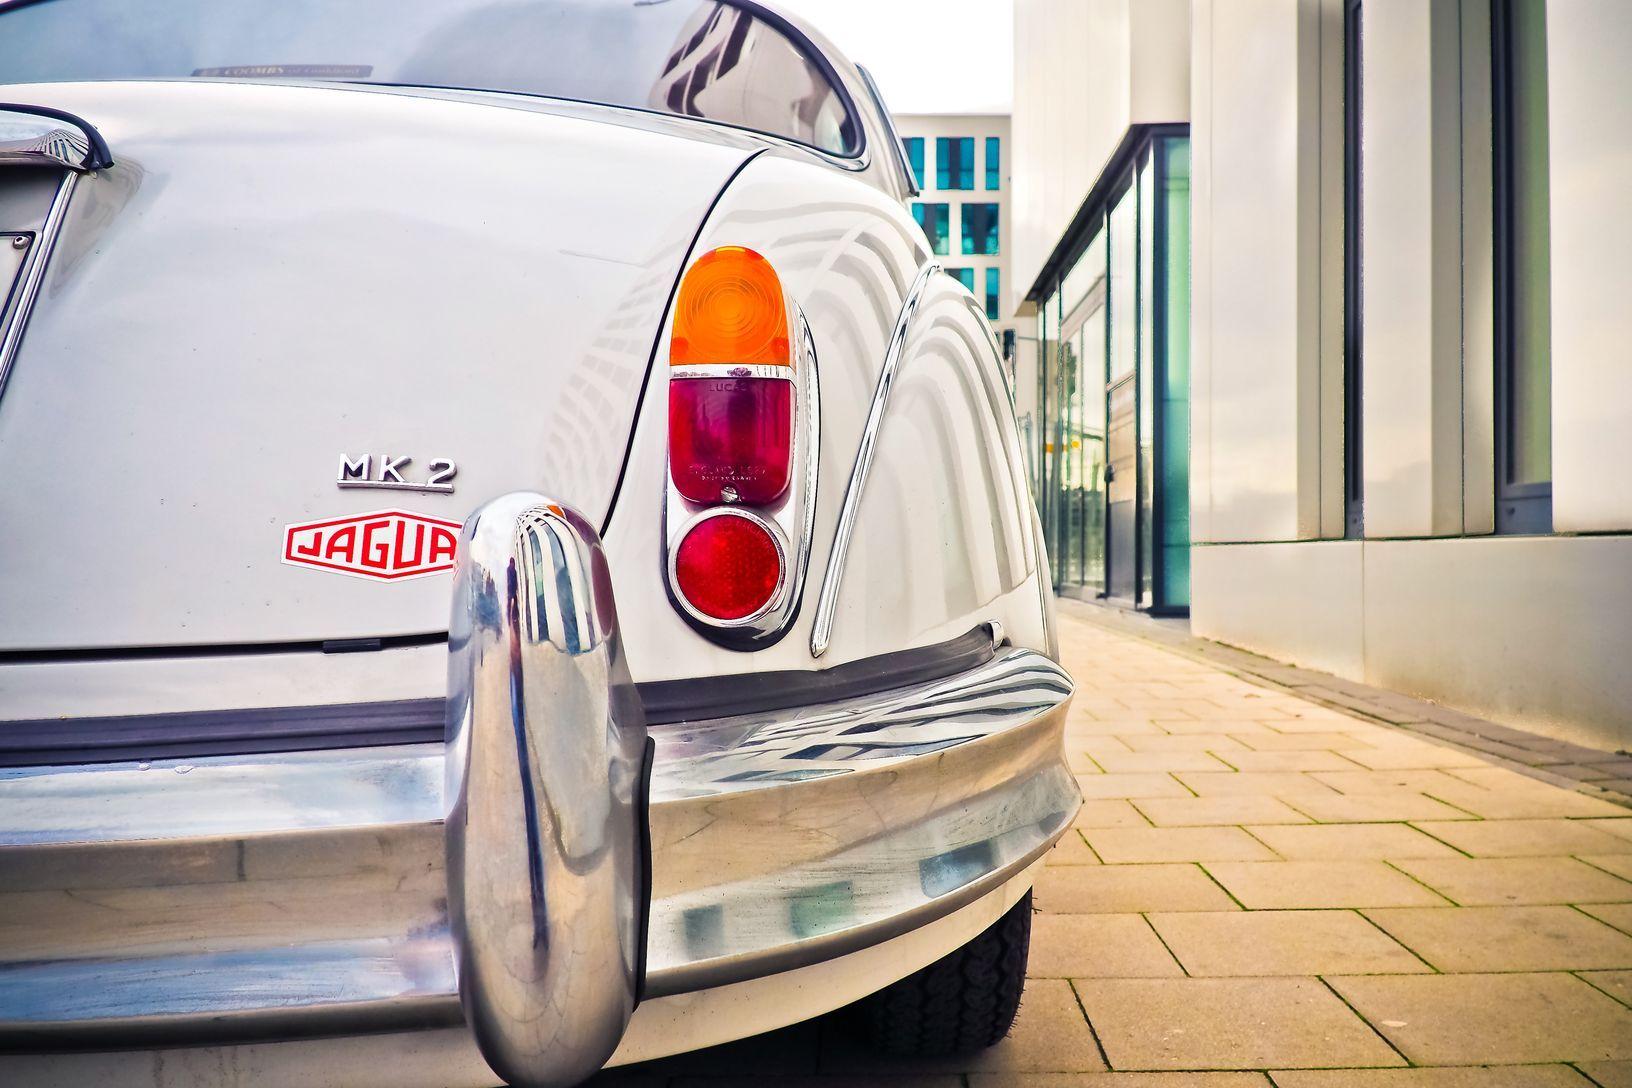 Gambar Lampu Mobil Klasik Dari Kumpulan Gambar Mobil Klasik Keren Mobil Klasik Mobil Klasik